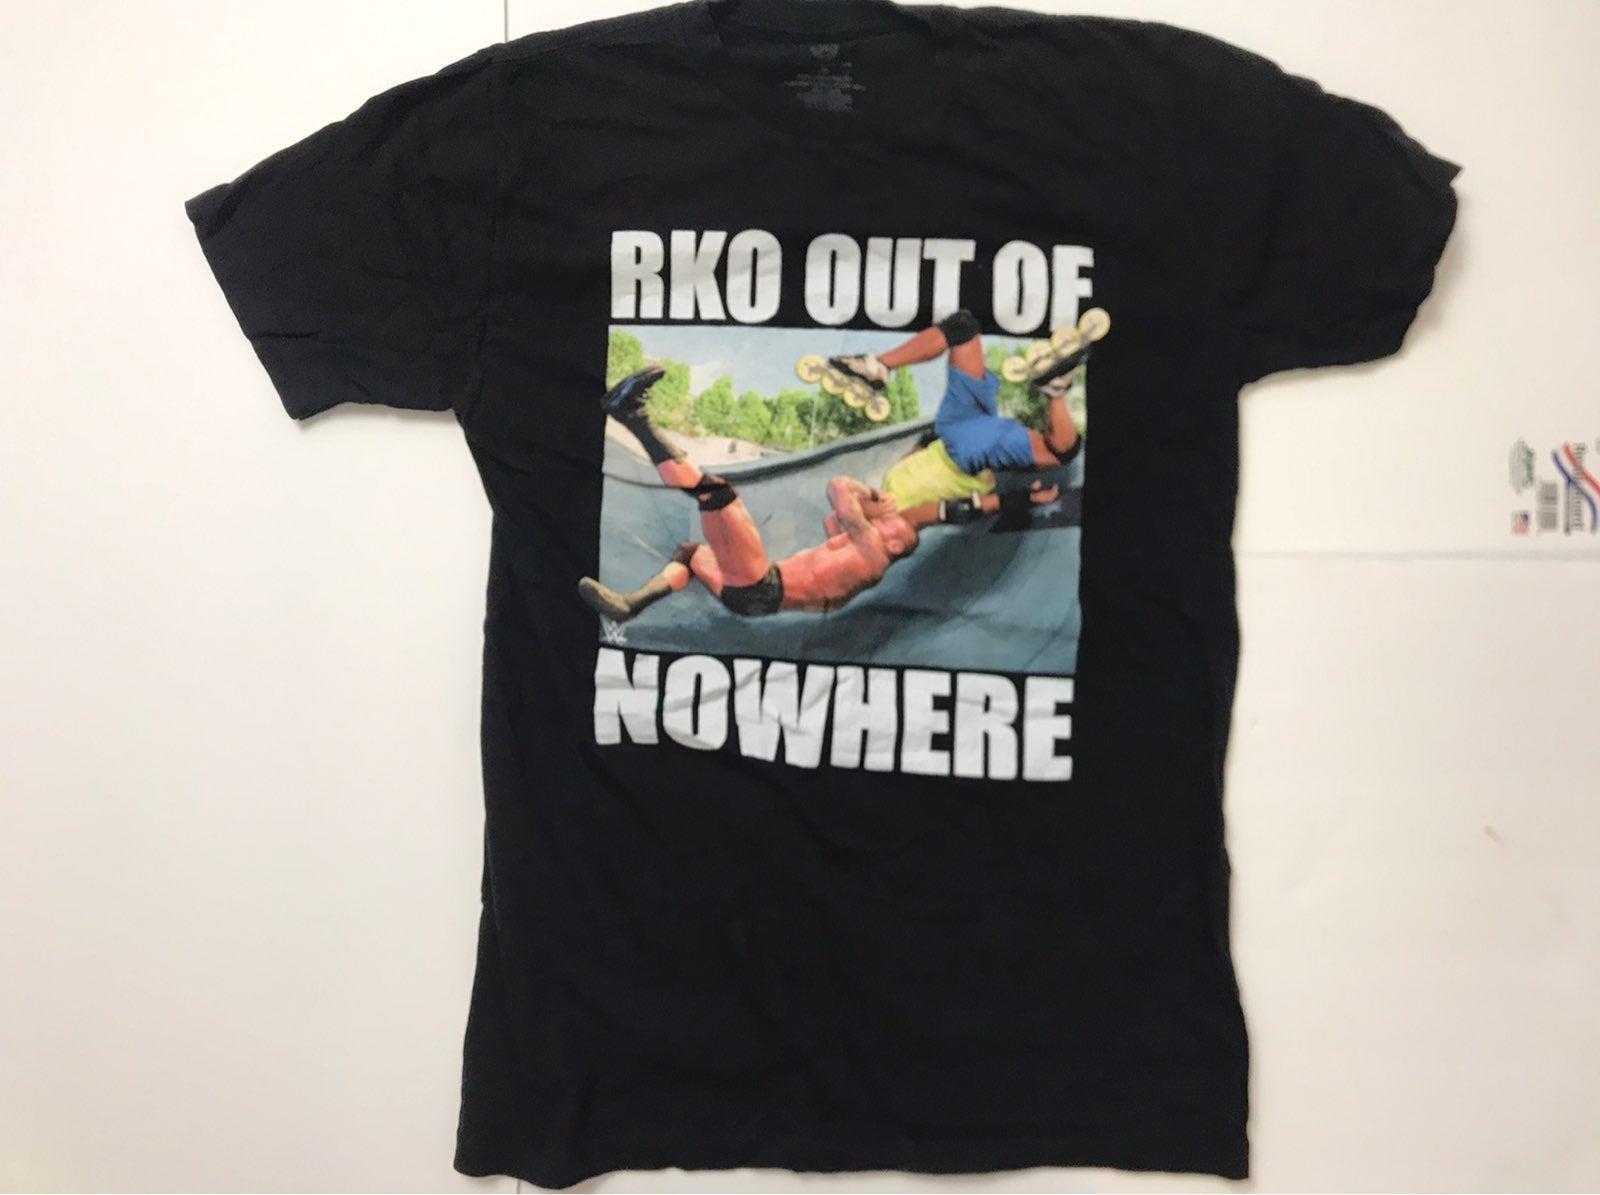 Randy orton rko shirt size M